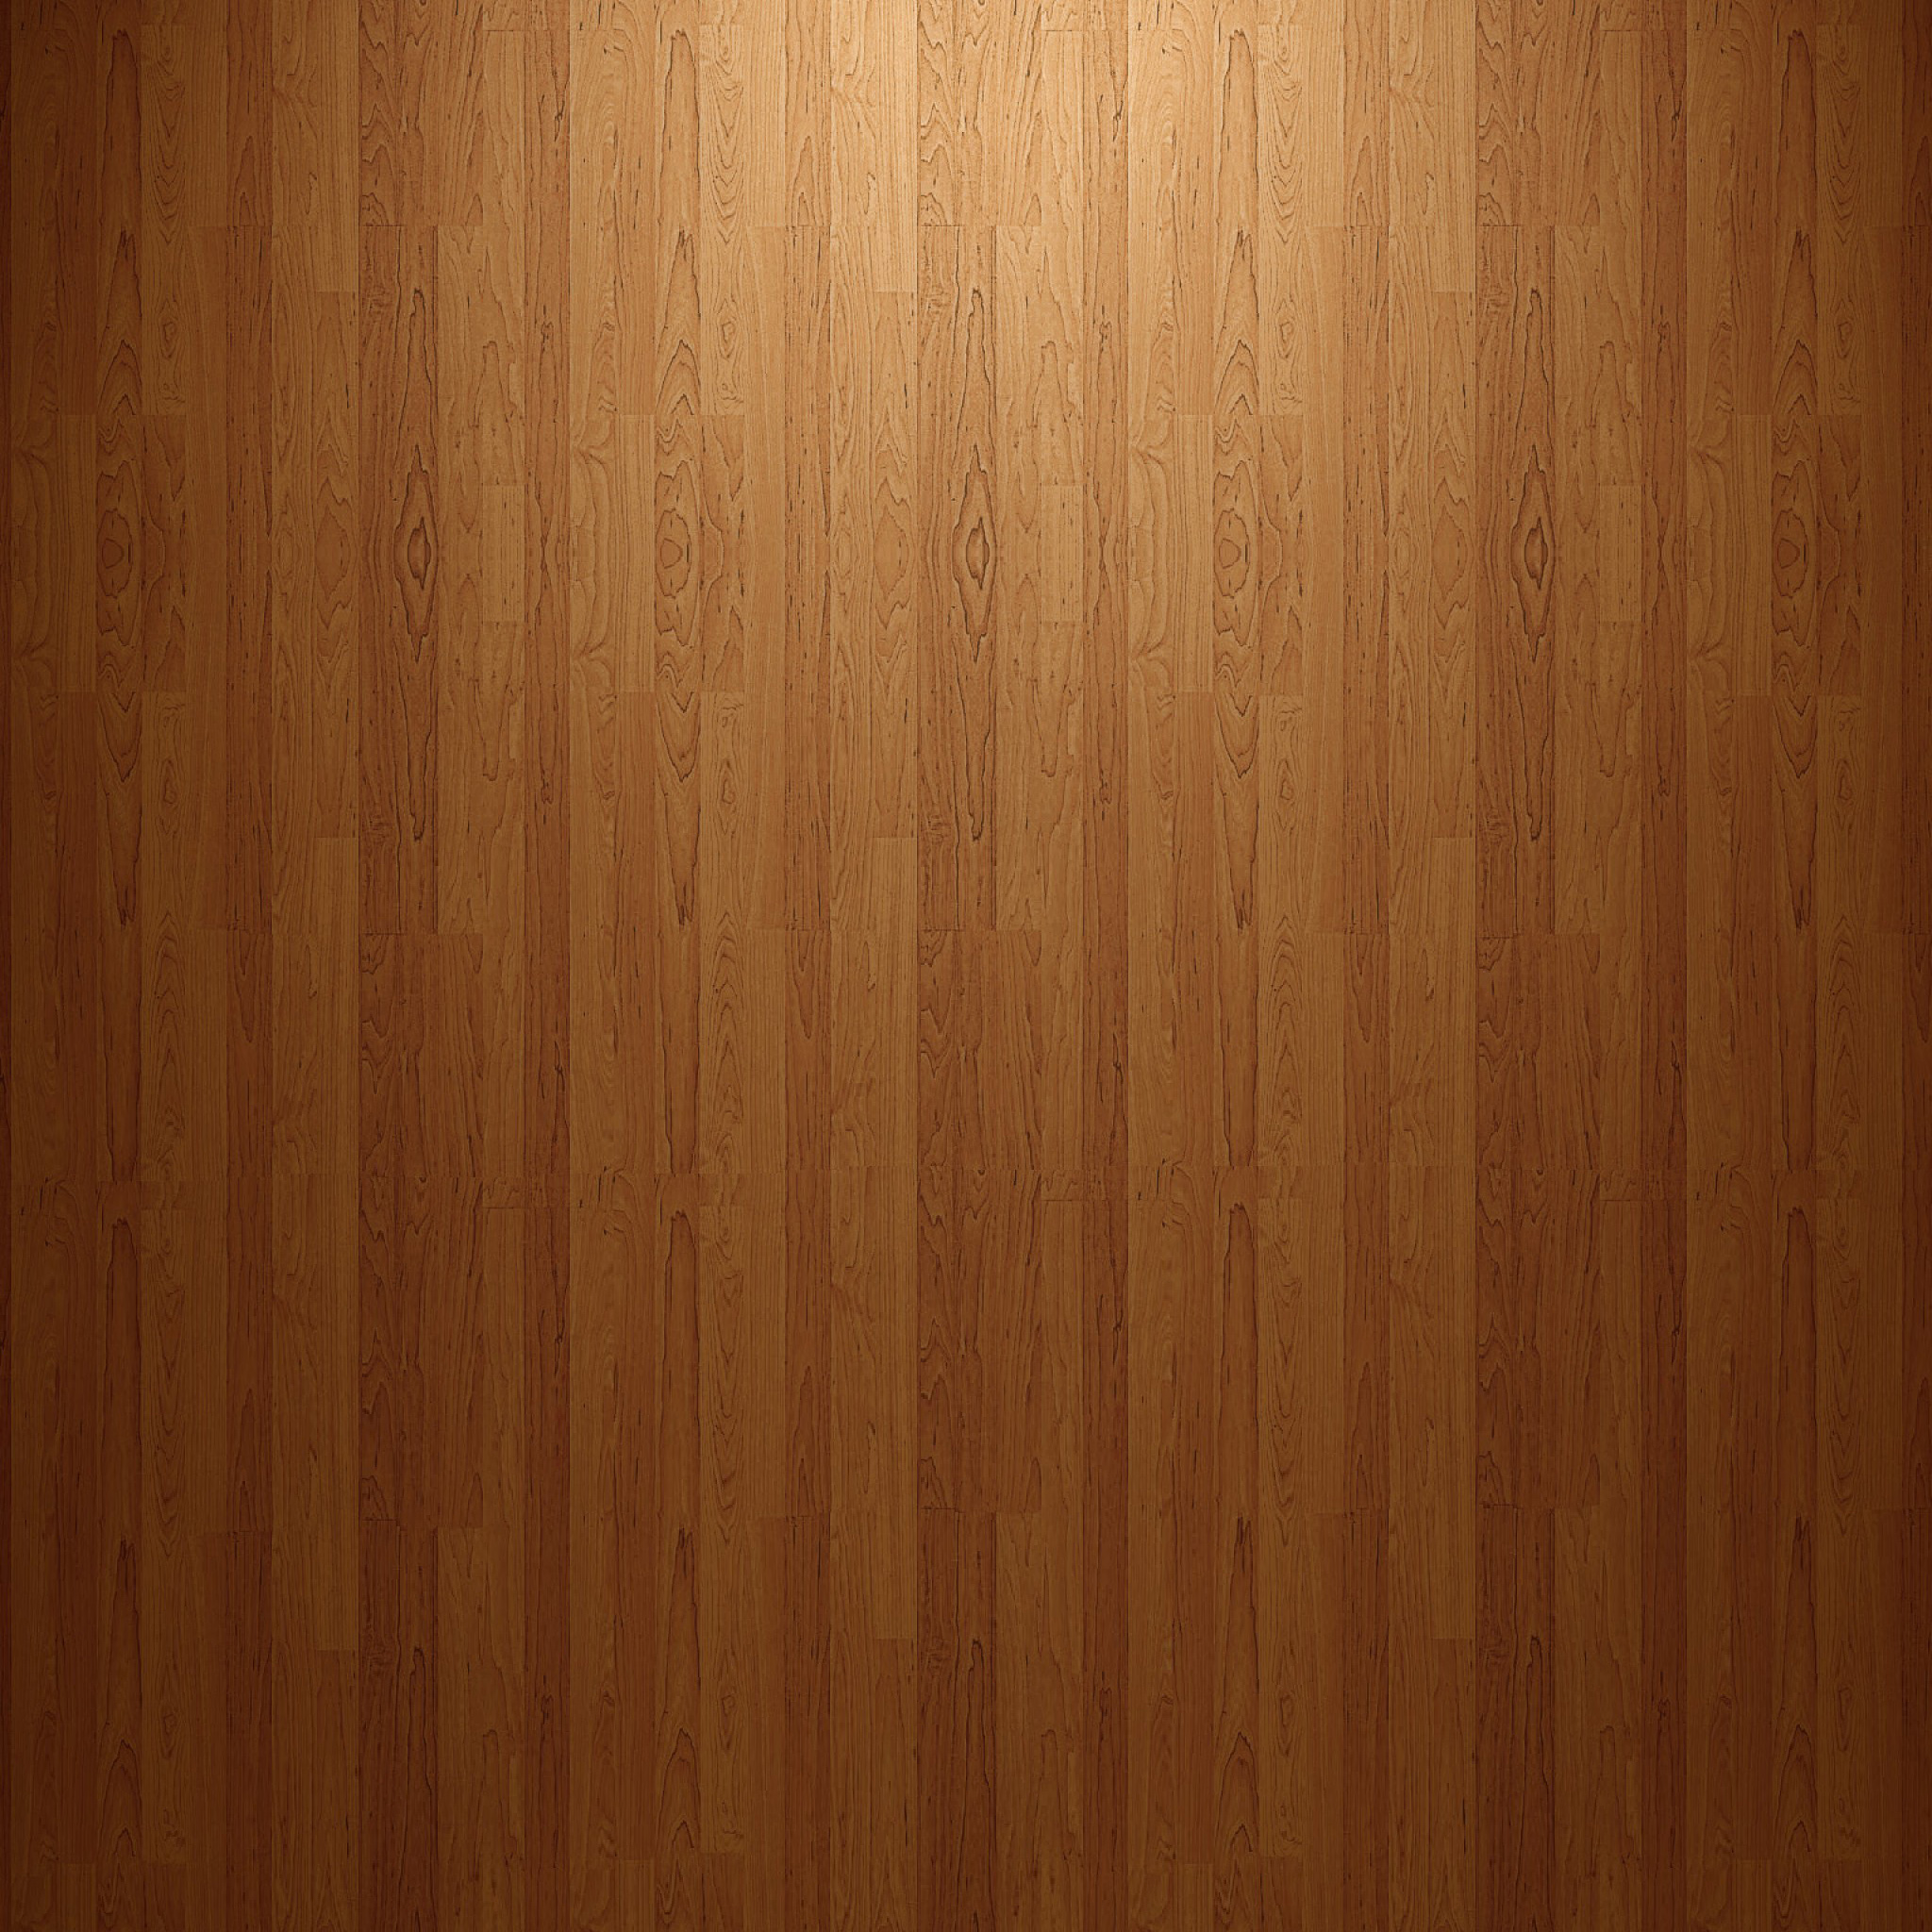 Wood Panel Wood Panel   iPad